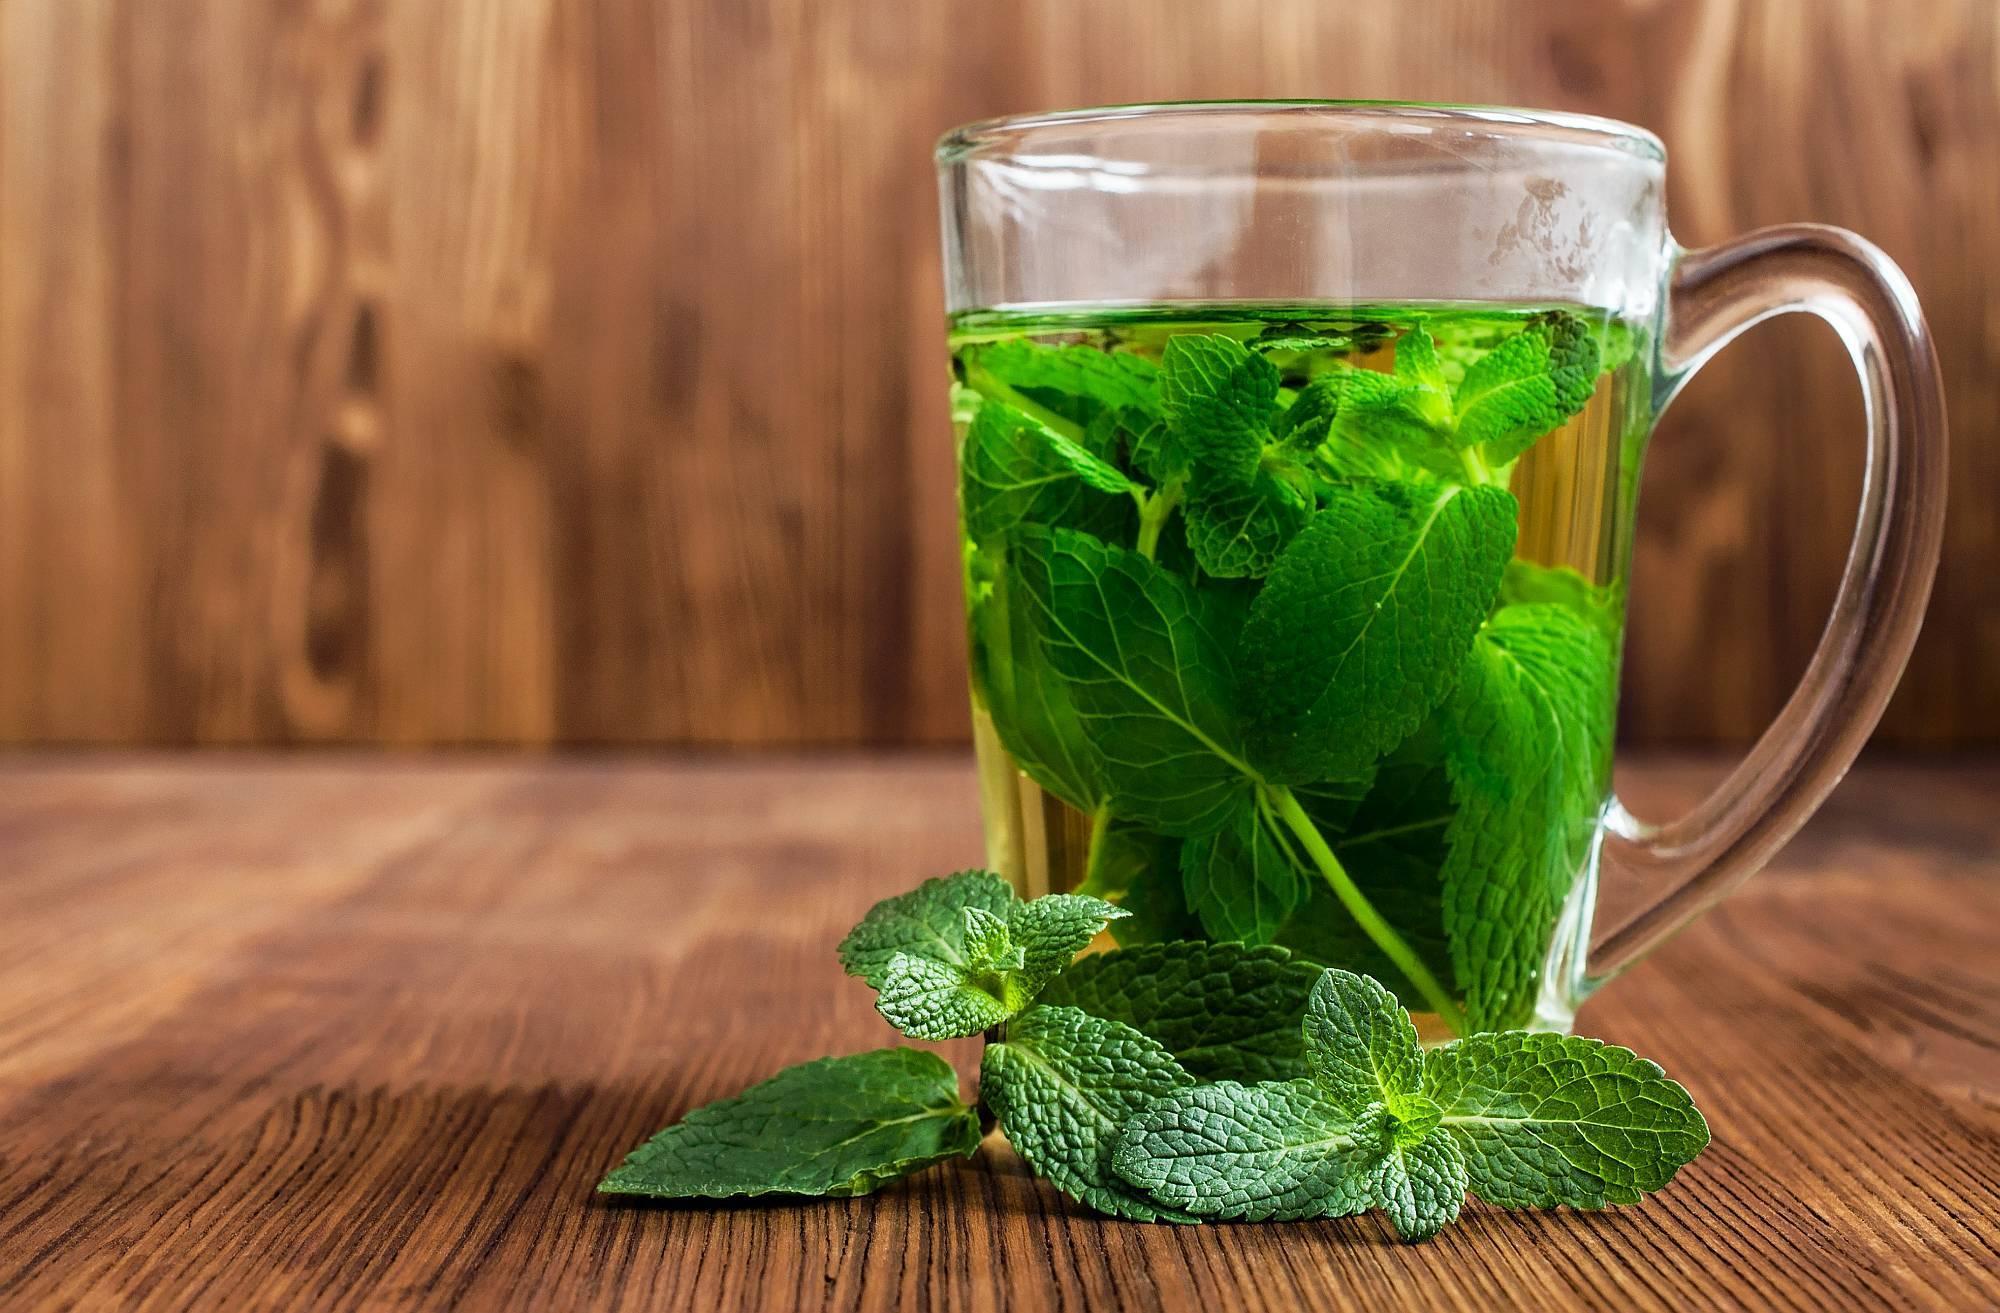 Чай с мятой: польза и вред, калорийность, полезные и лечебные свойства, противопоказания для мужчин и женщин